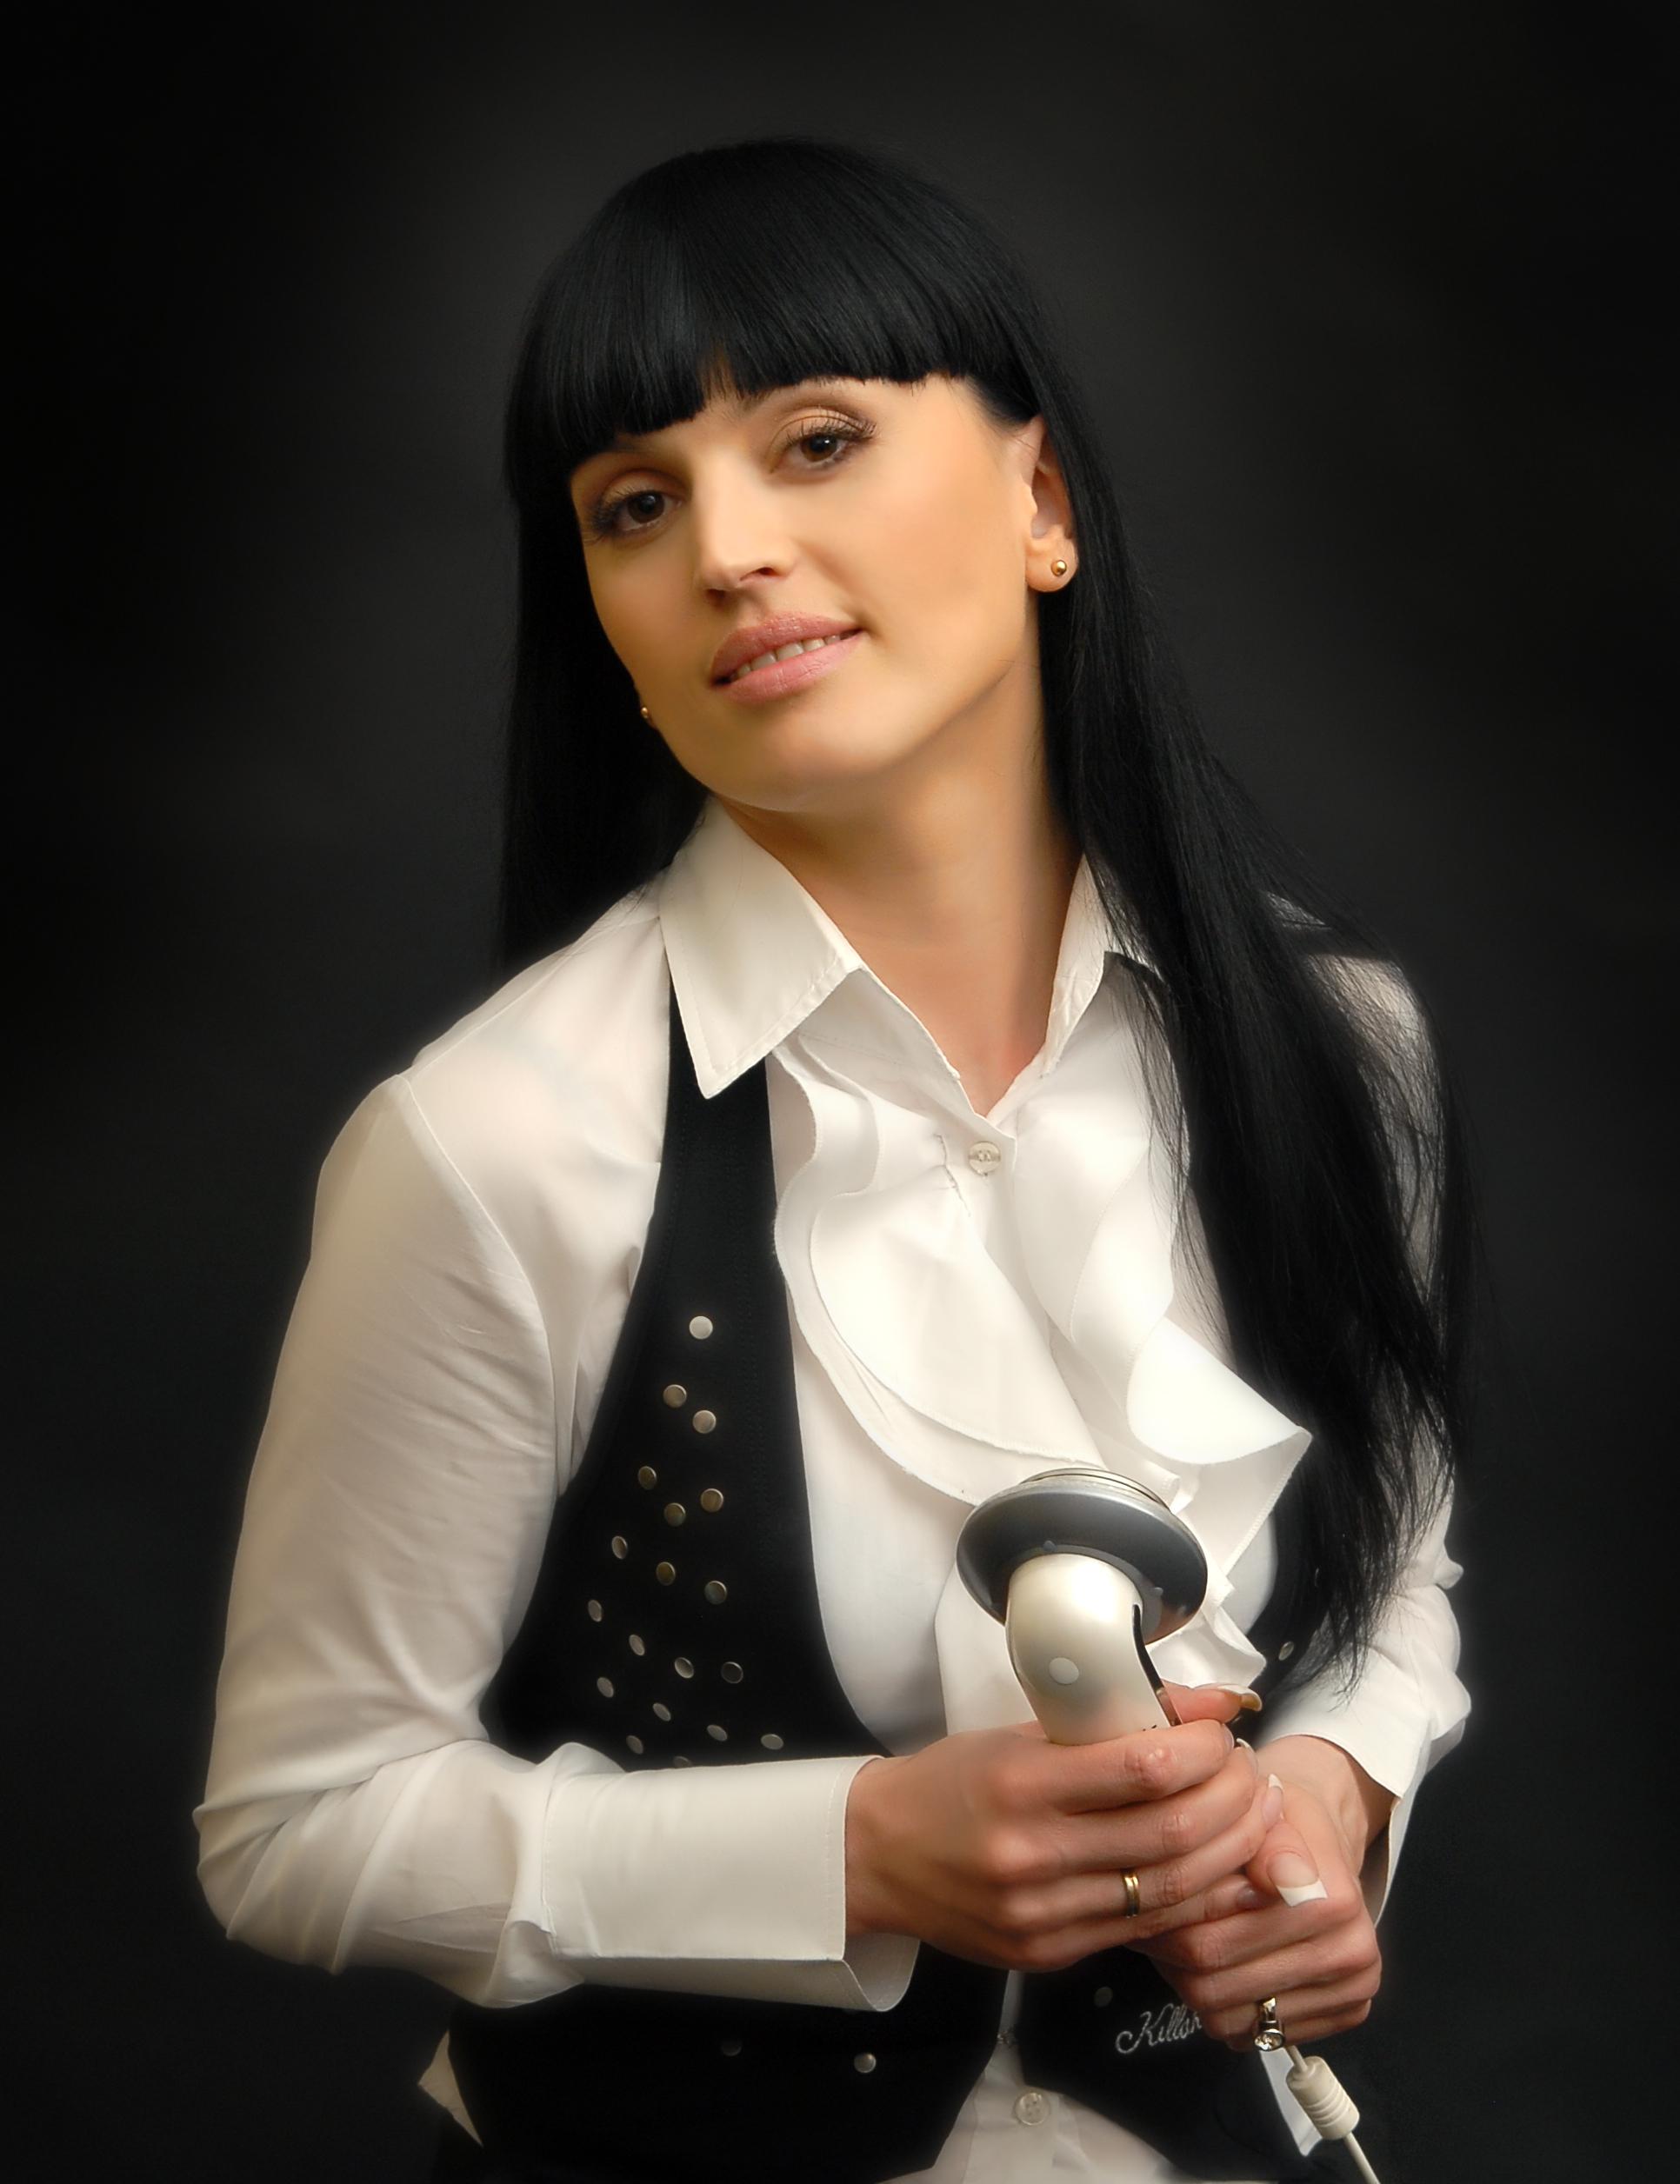 Diana_Khodan